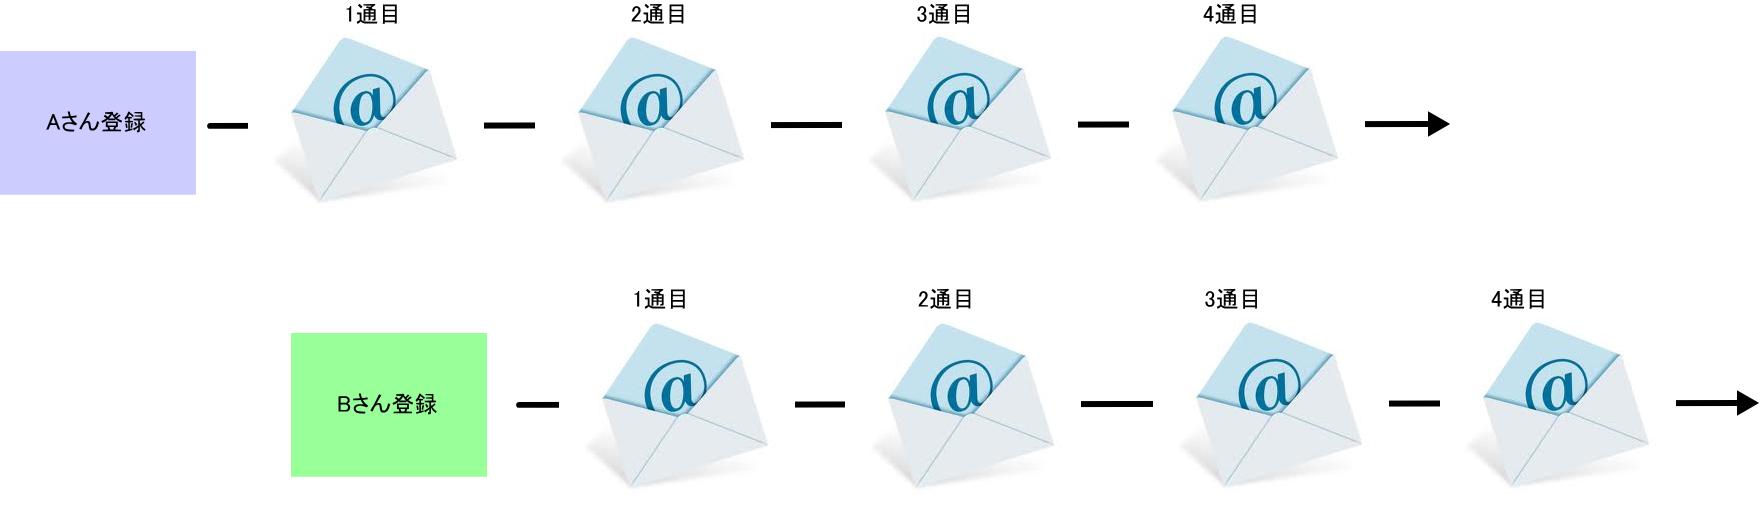 ステップメール-登録後の流れ